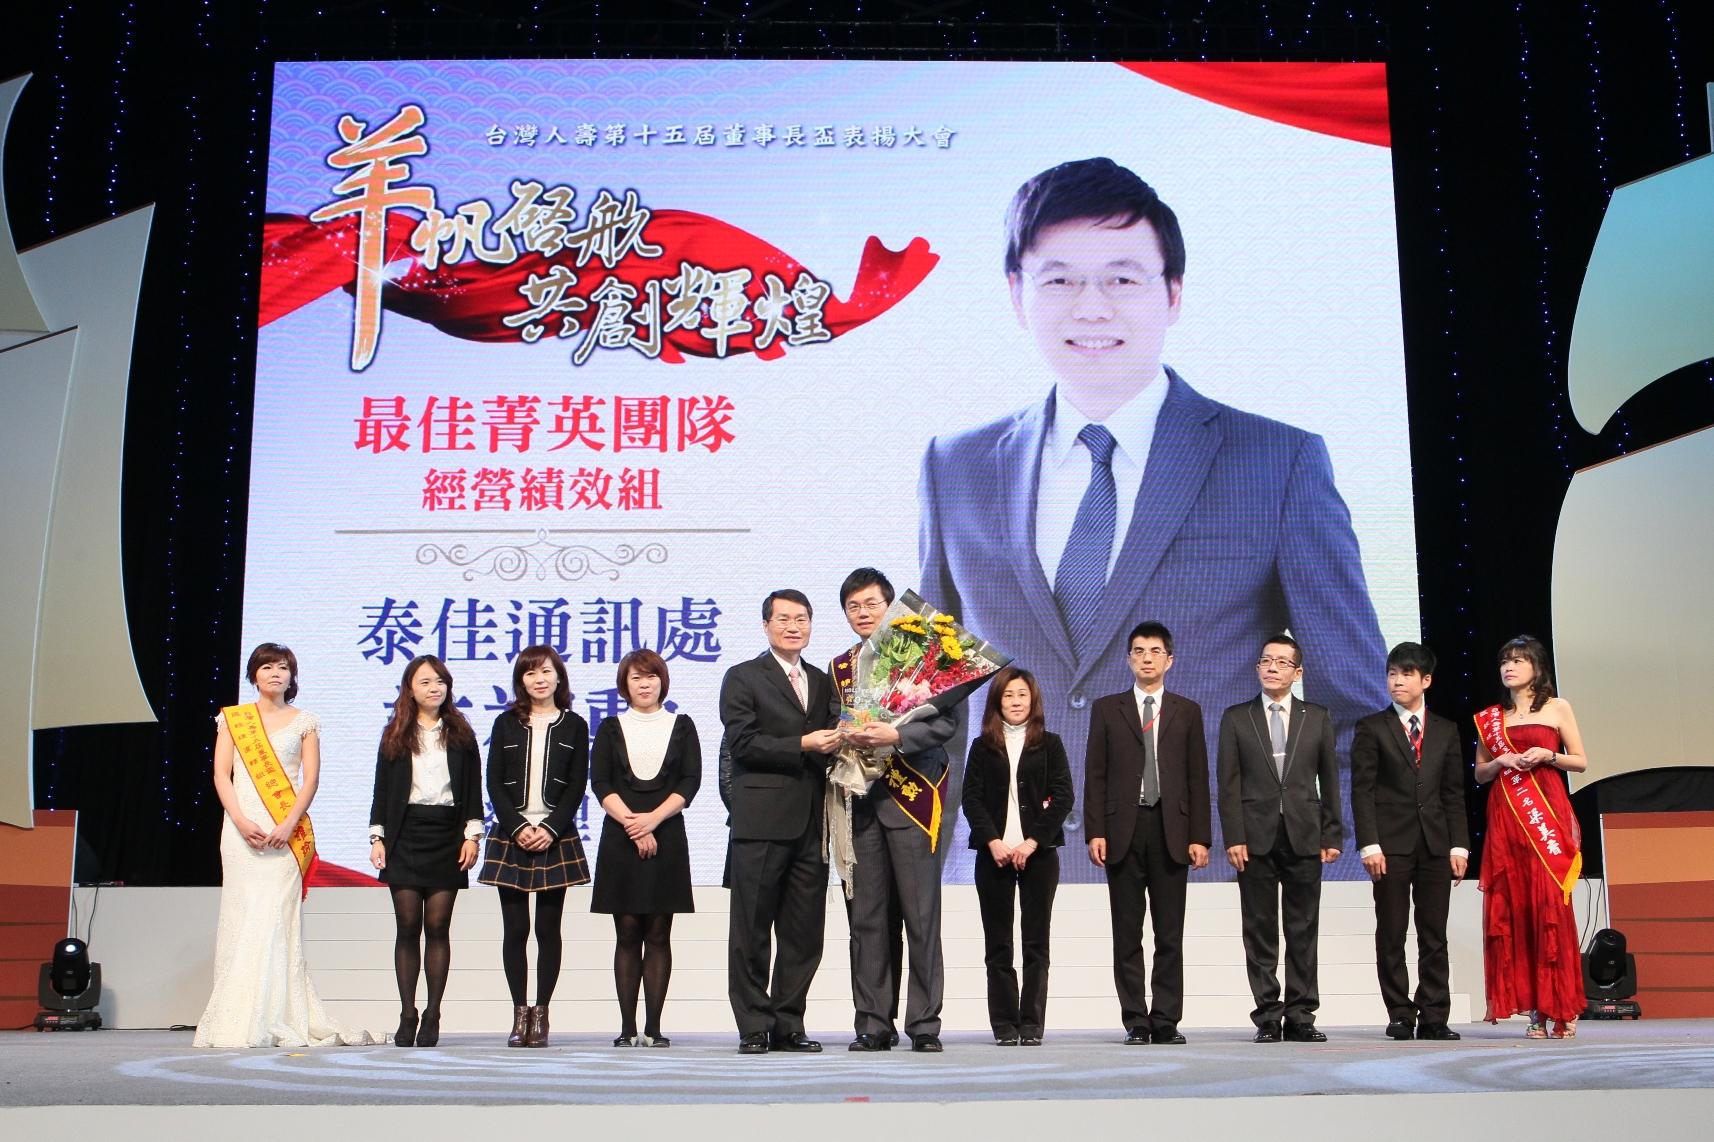 台灣人壽2014董事長盃競賽 菁英成功經驗分享